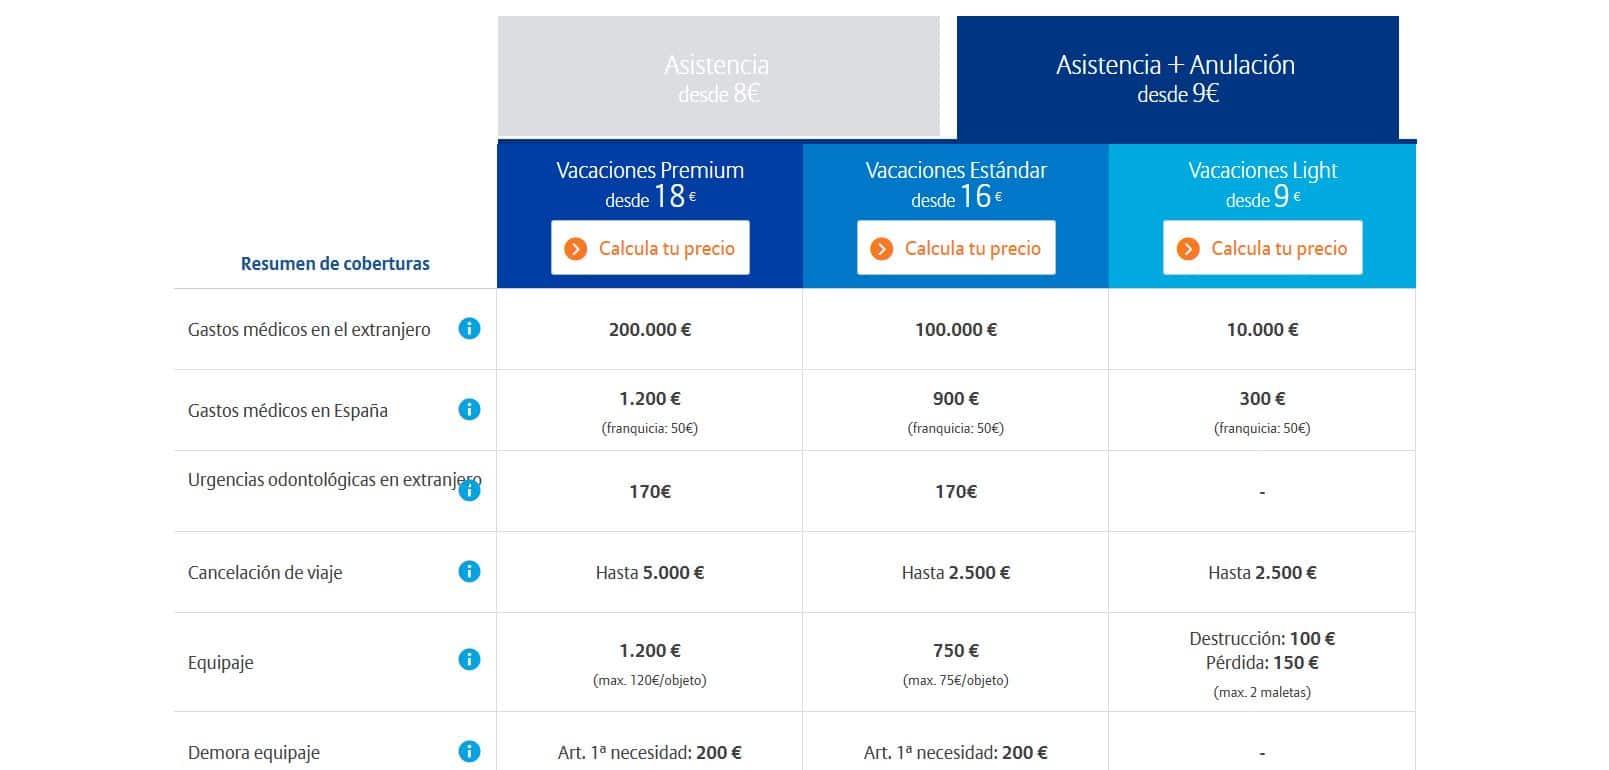 Prestaciones del seguro de viajes Vacaciones Allianz Assistance